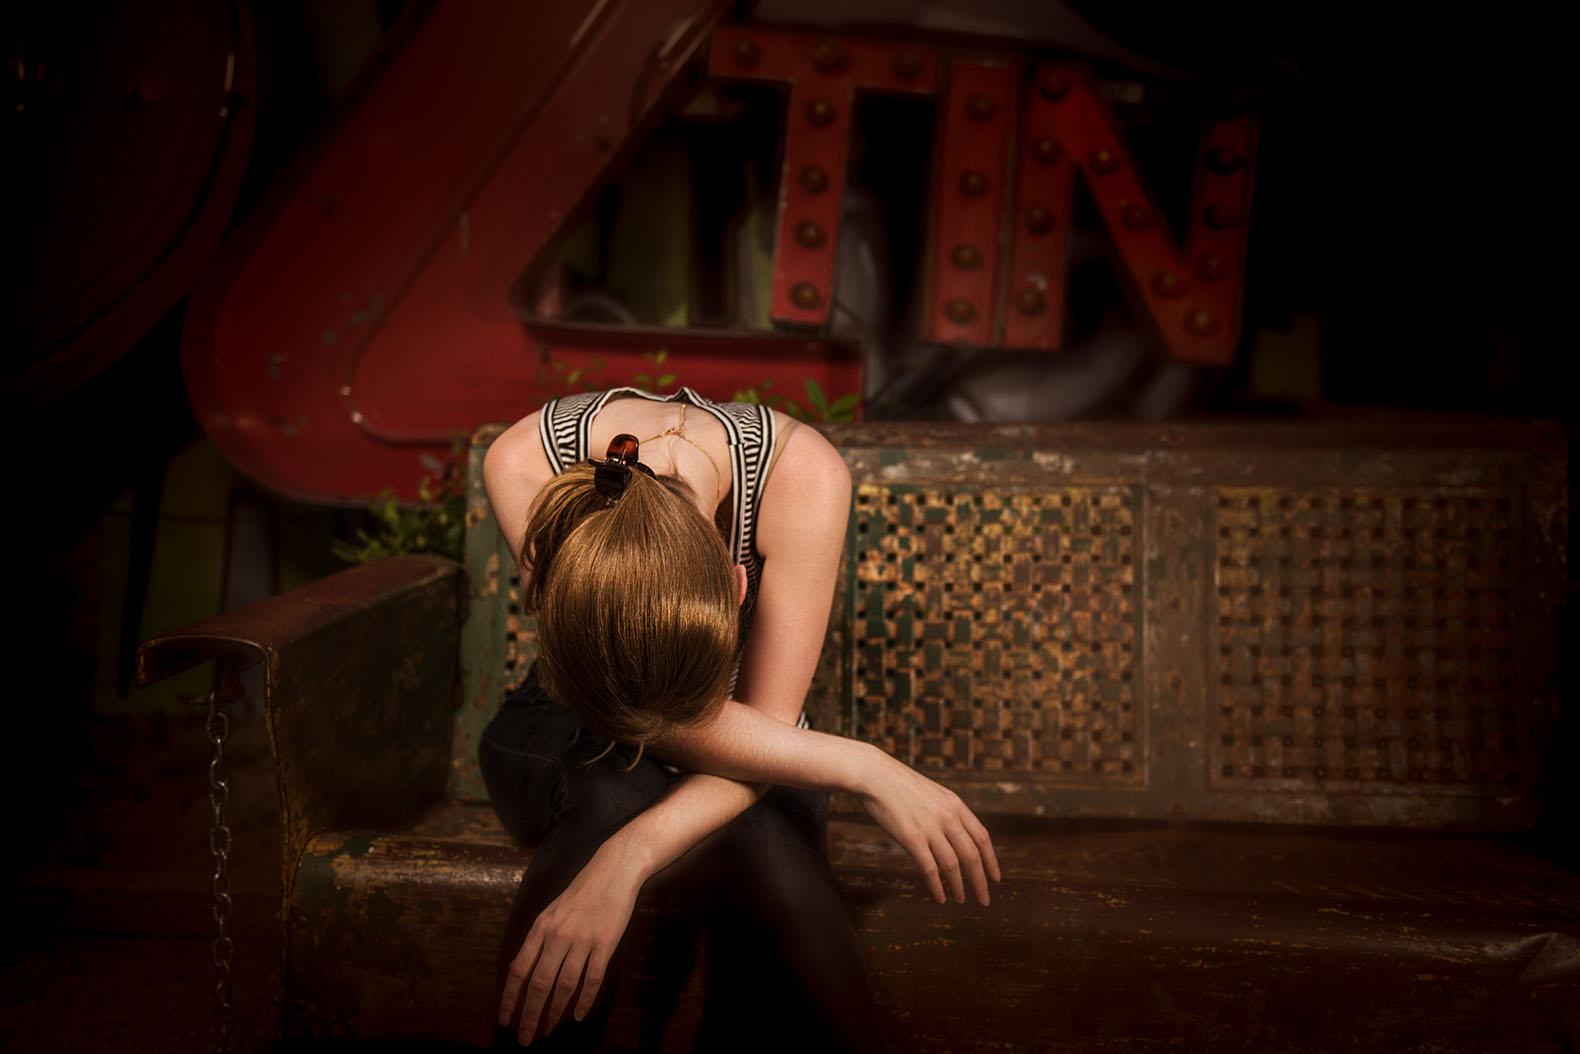 woman dispair